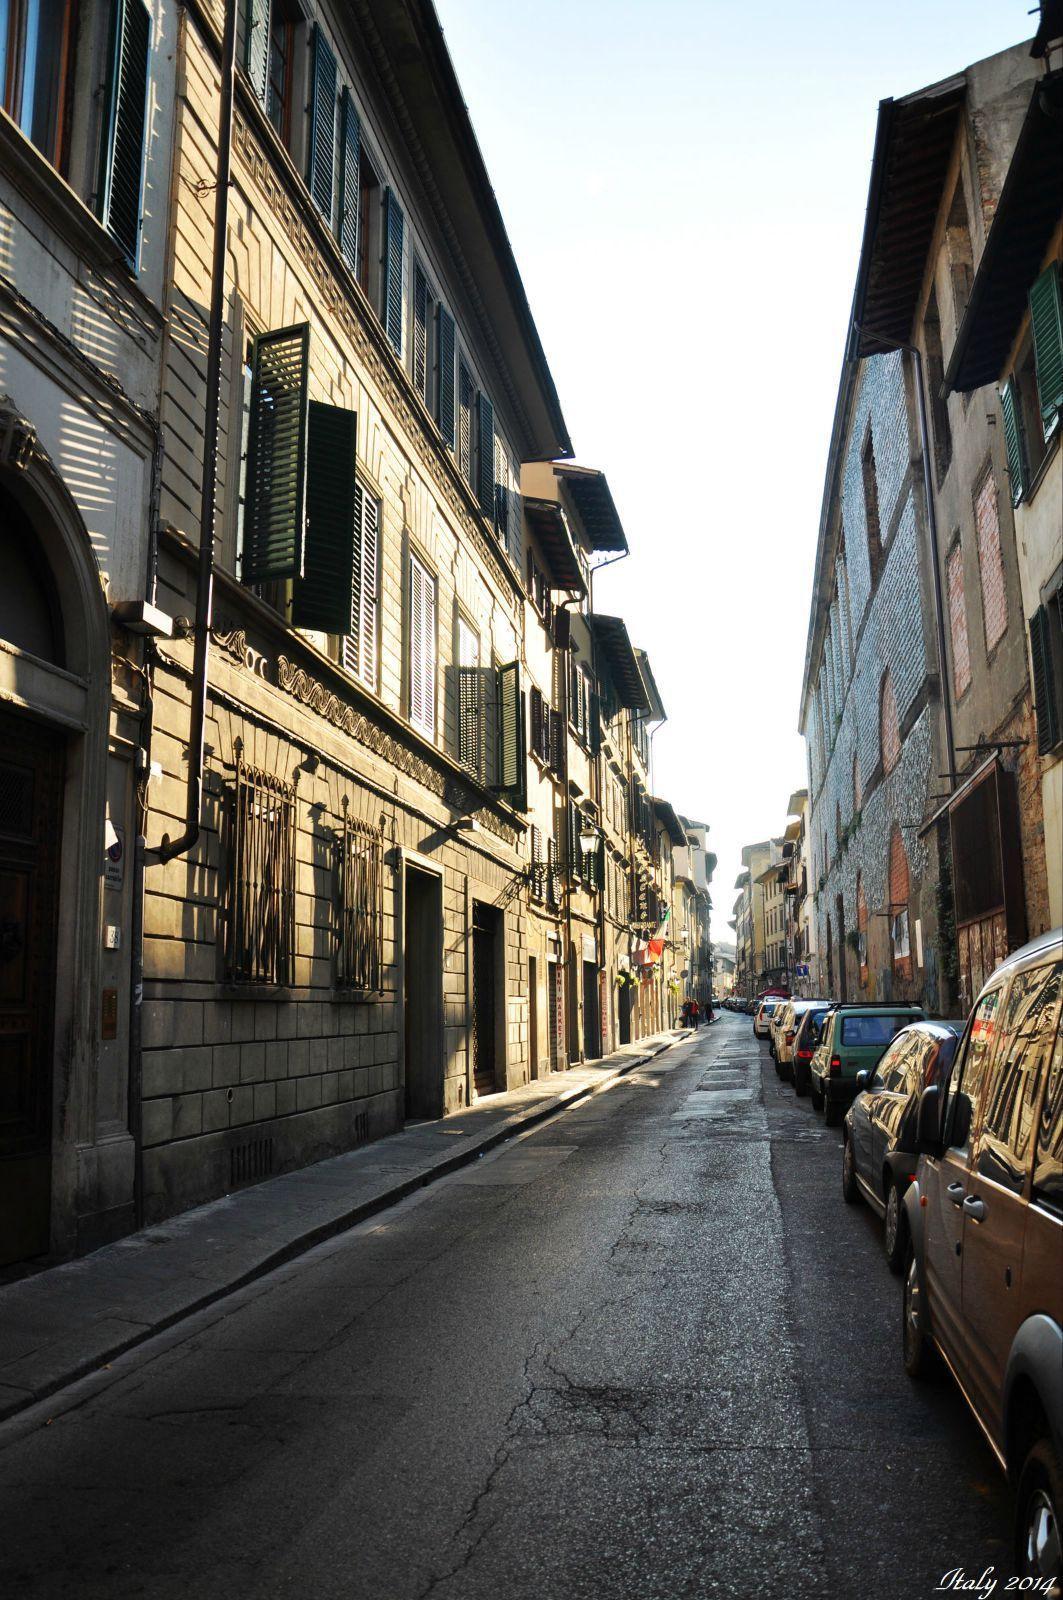 壁纸 街道 街景 1063_1600 竖版 竖屏 手机图片